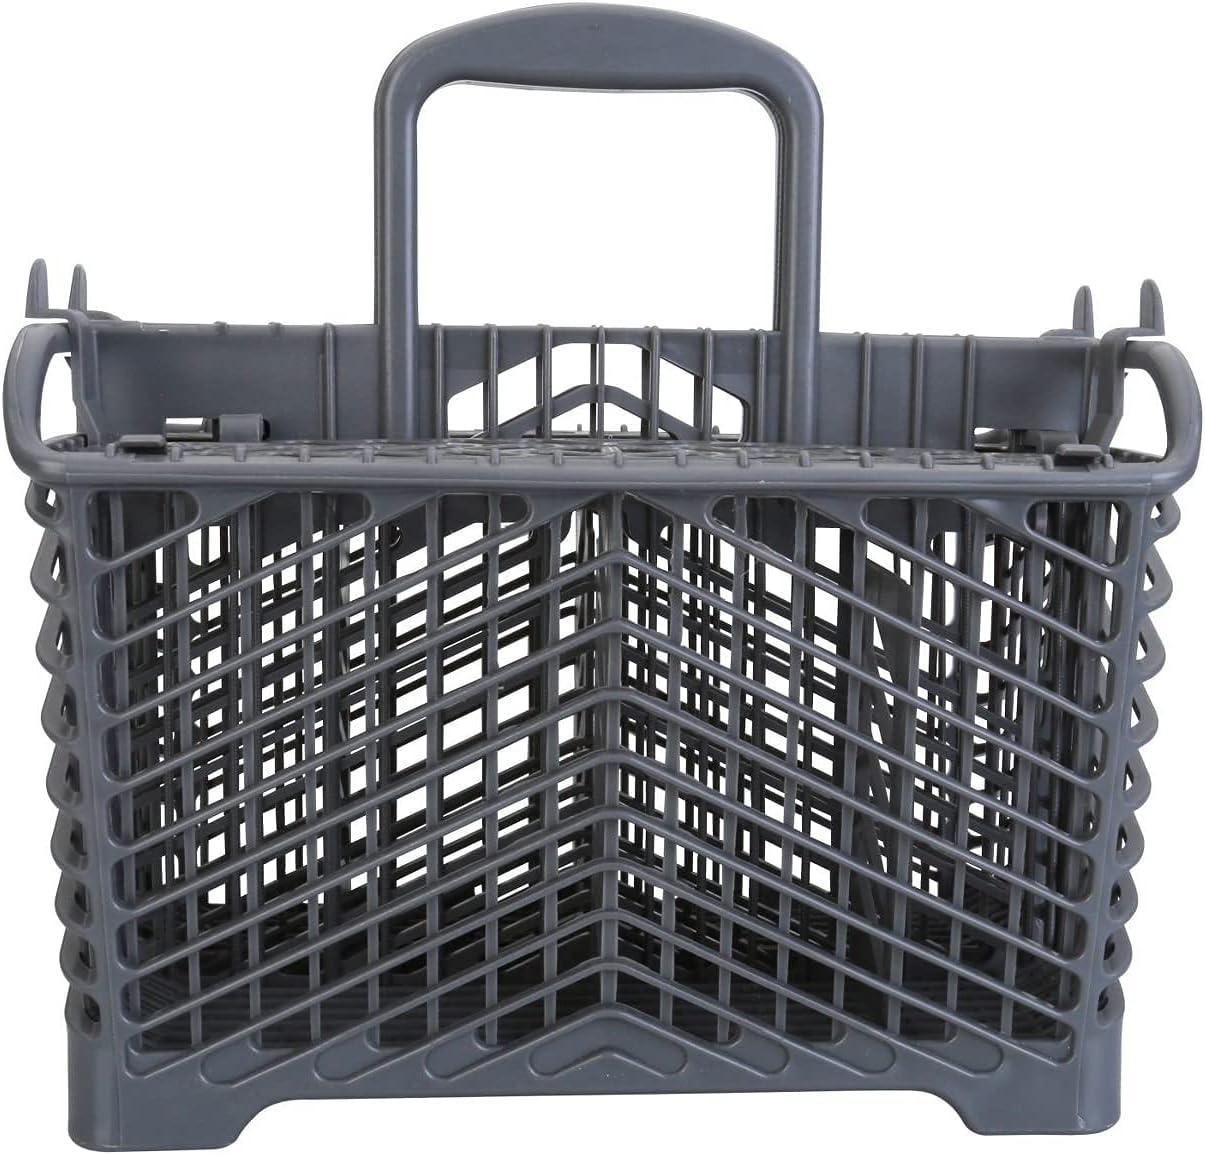 HASMX 6-918873 Dishwasher Silverware Replacement Basket - Dishwa